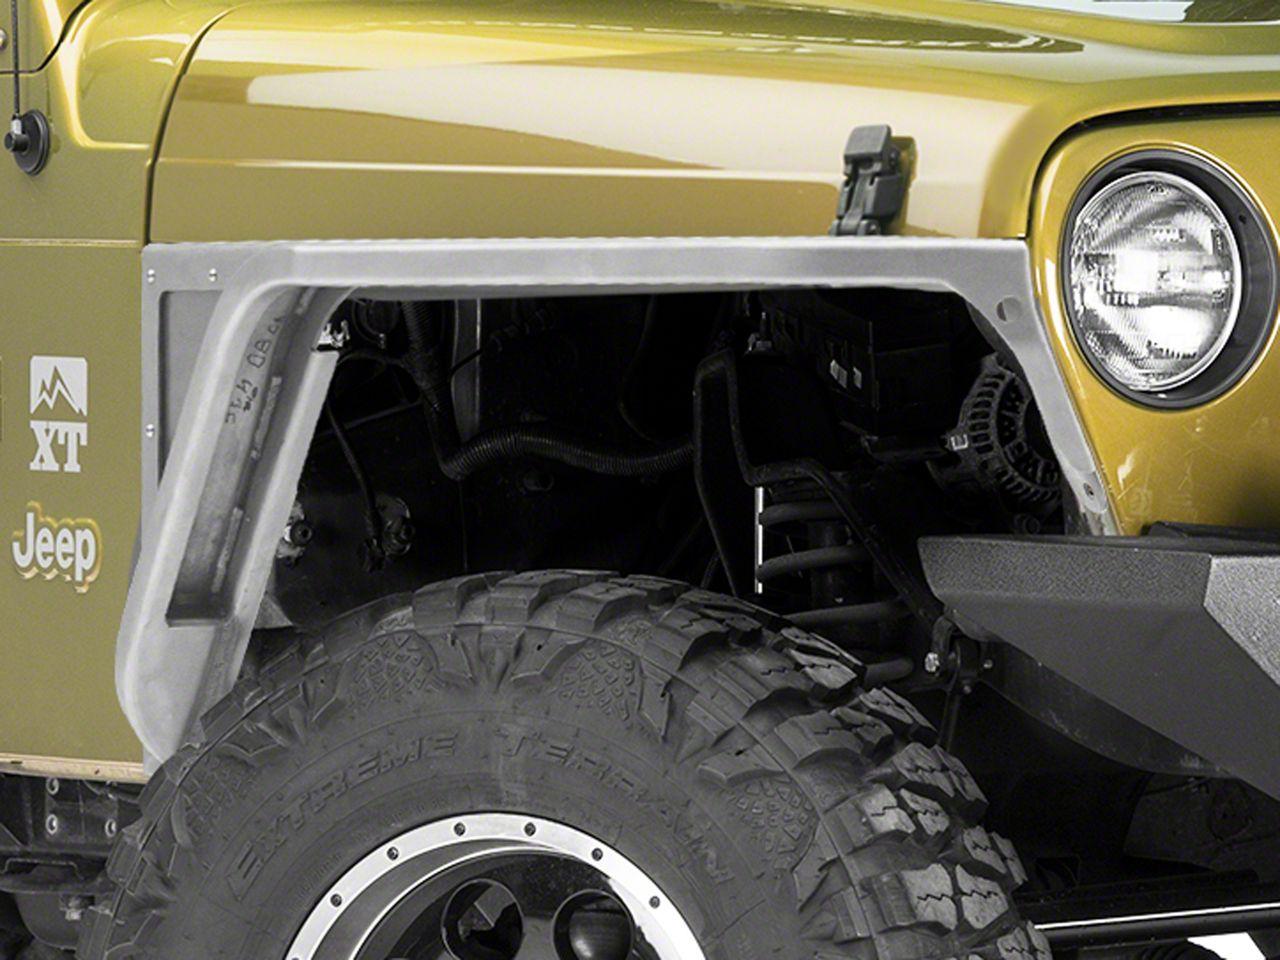 Poison Spyder 3 in. Front DeFender Tapered Fender Flares - Bare Steel (97-06 Jeep Wrangler TJ)